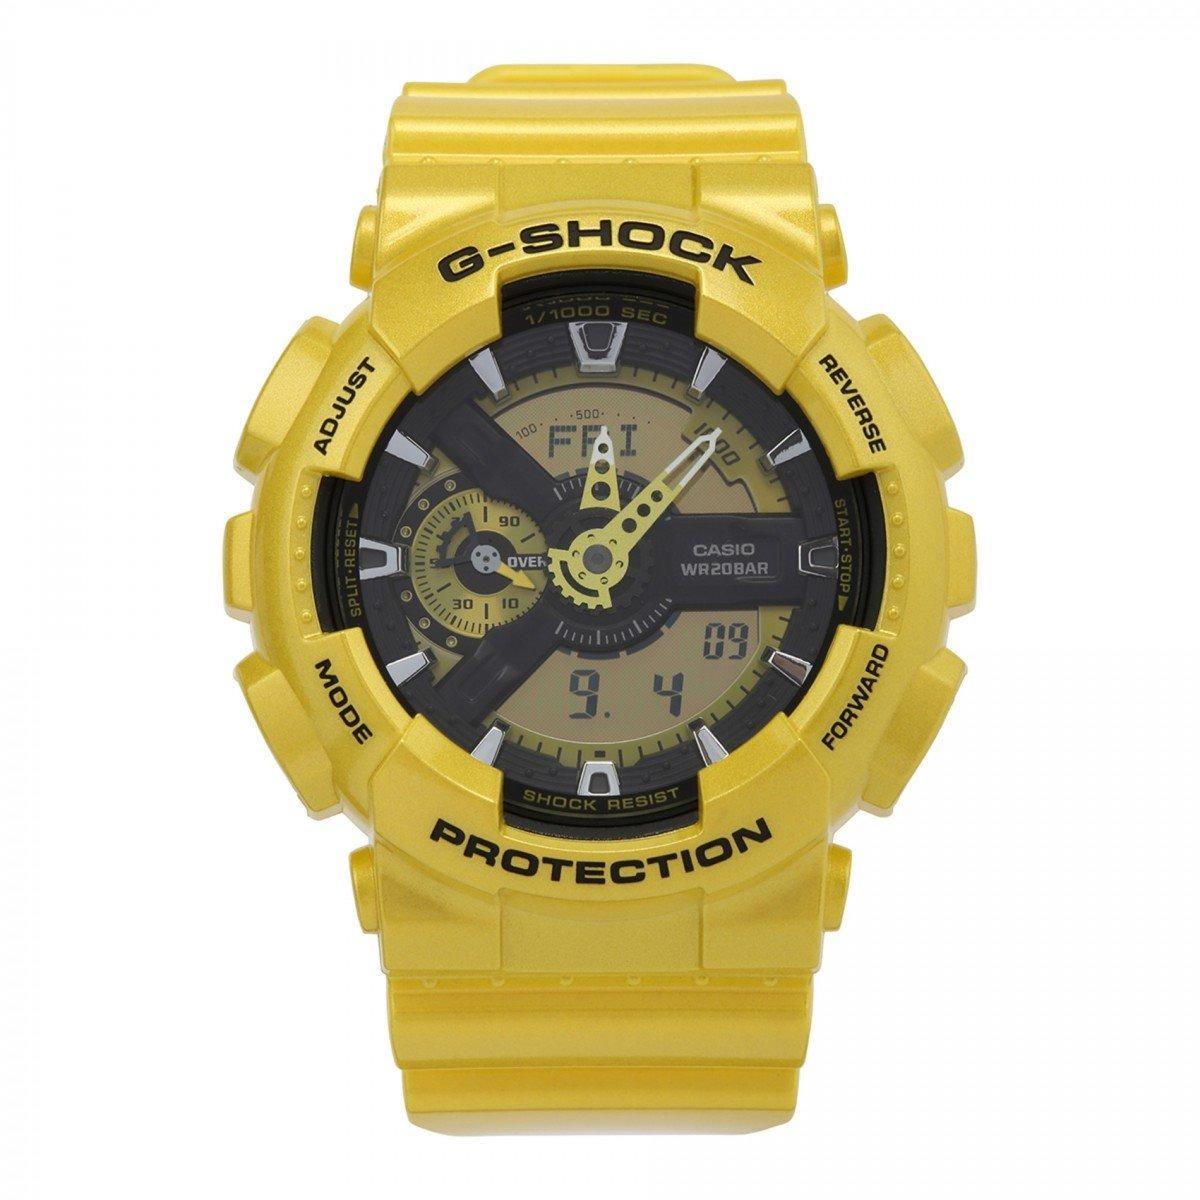 63c99d1d21802 relogio casio g shock ga 110gb dourado oferta novo p agua. Carregando zoom.